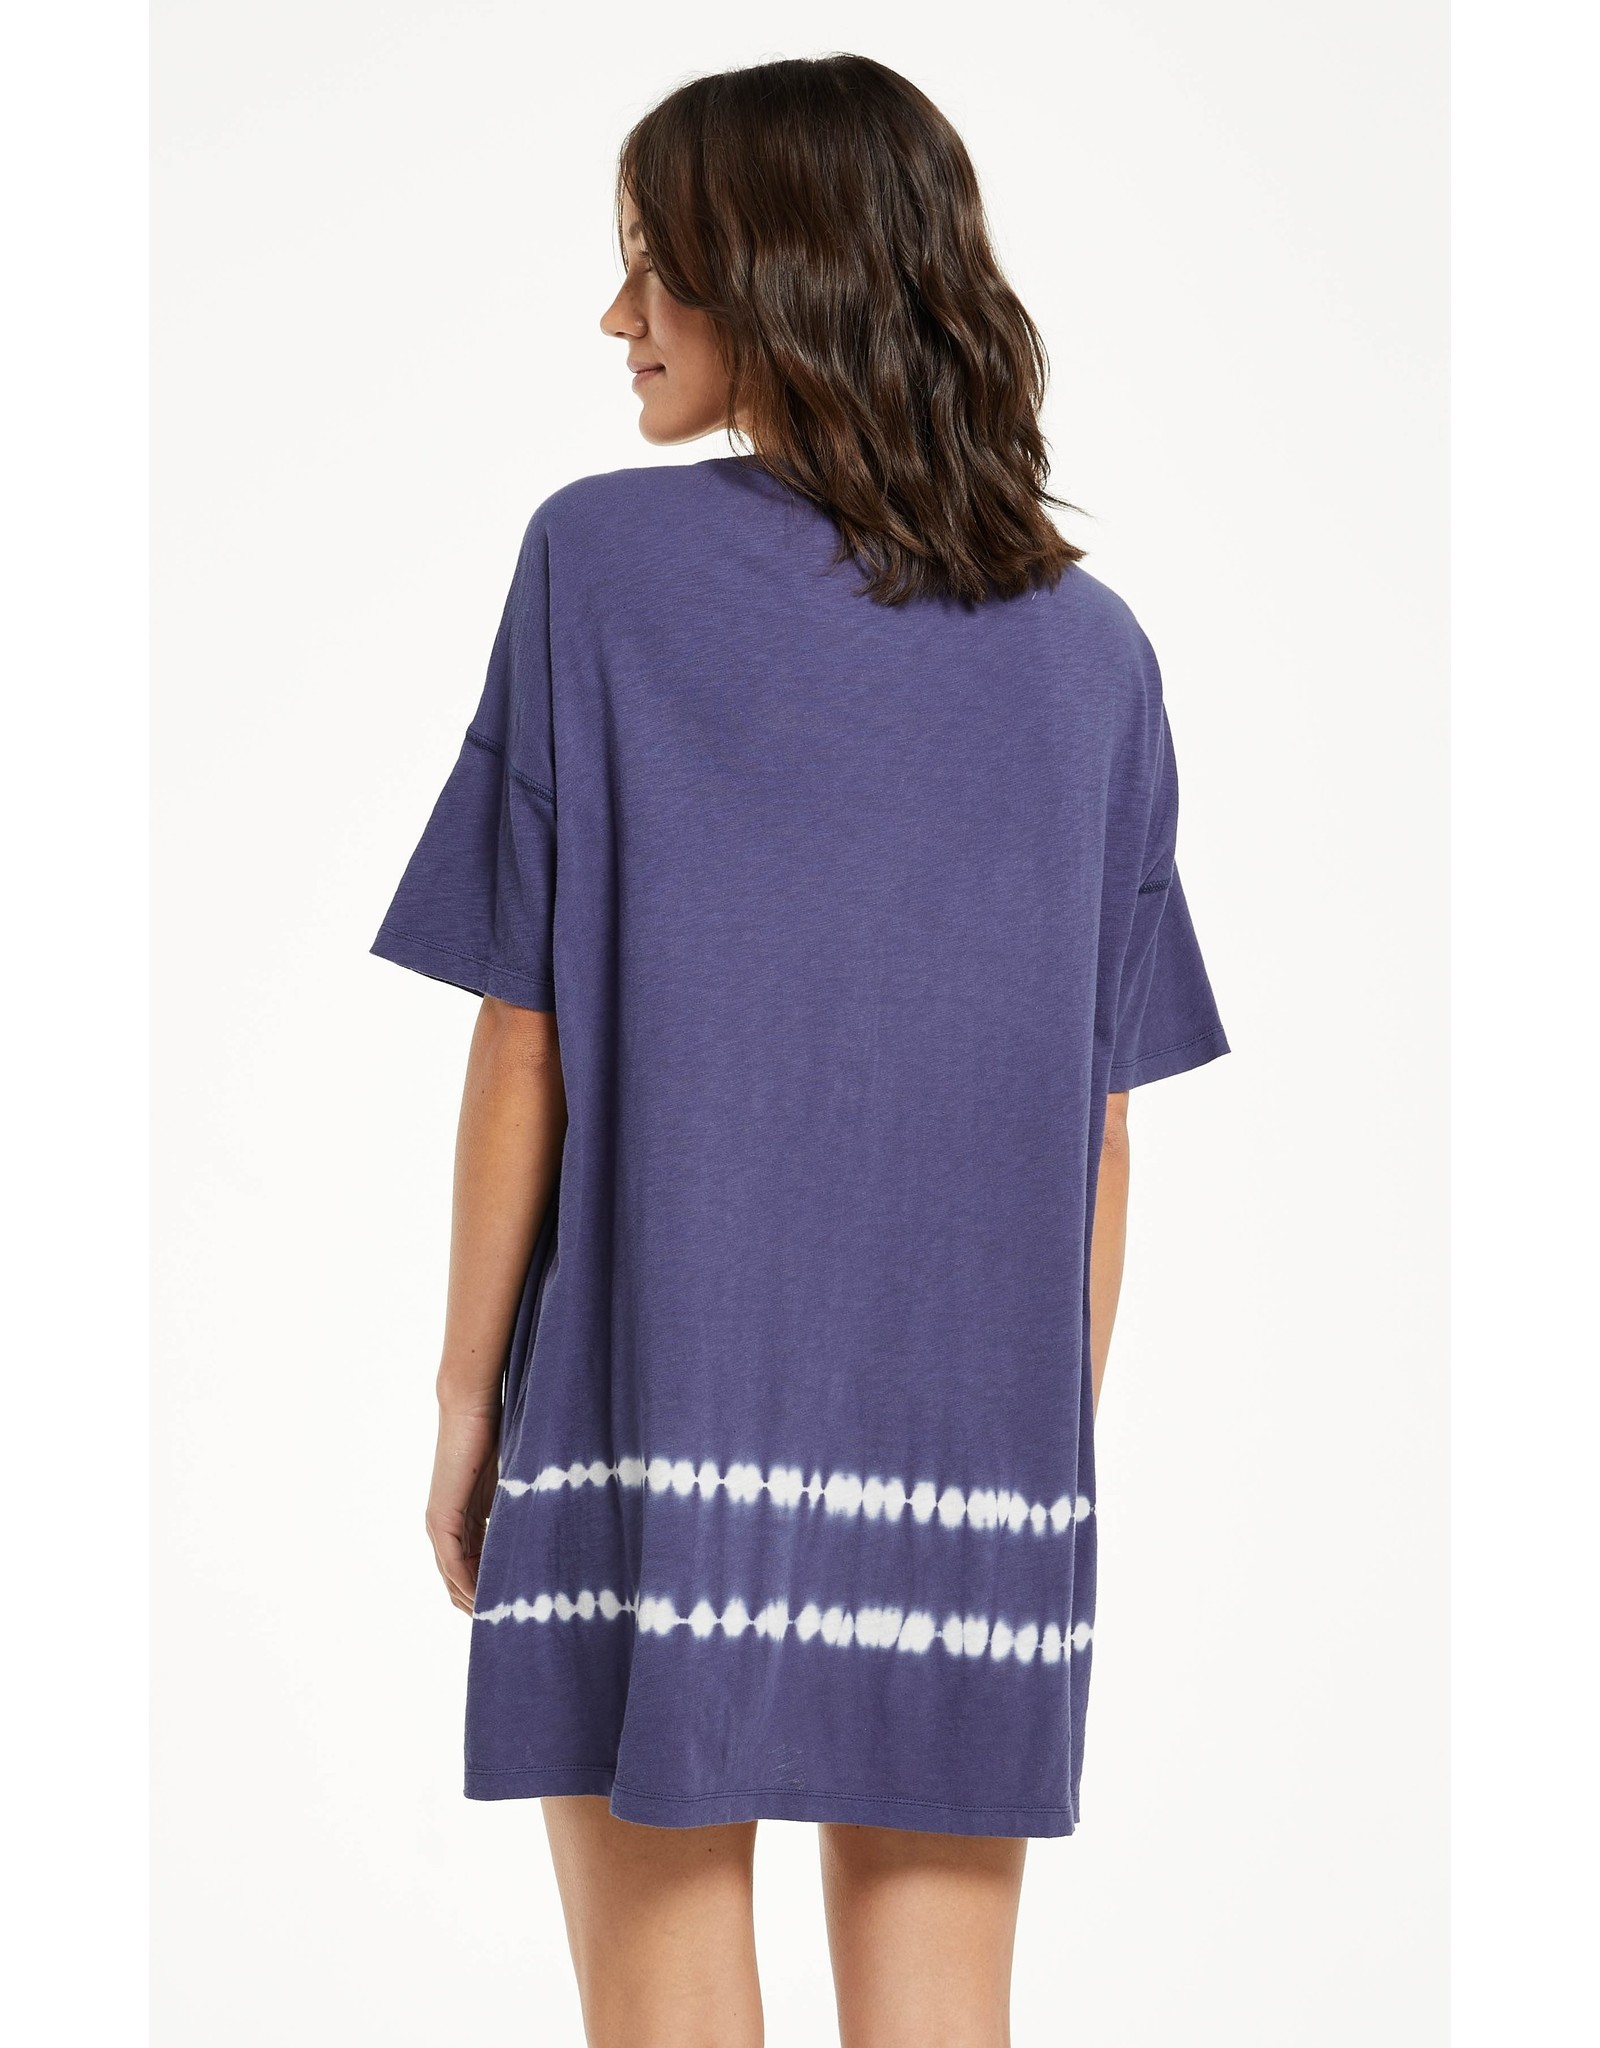 Z Supply Delta Dip Dye Dress- Dusty Navy